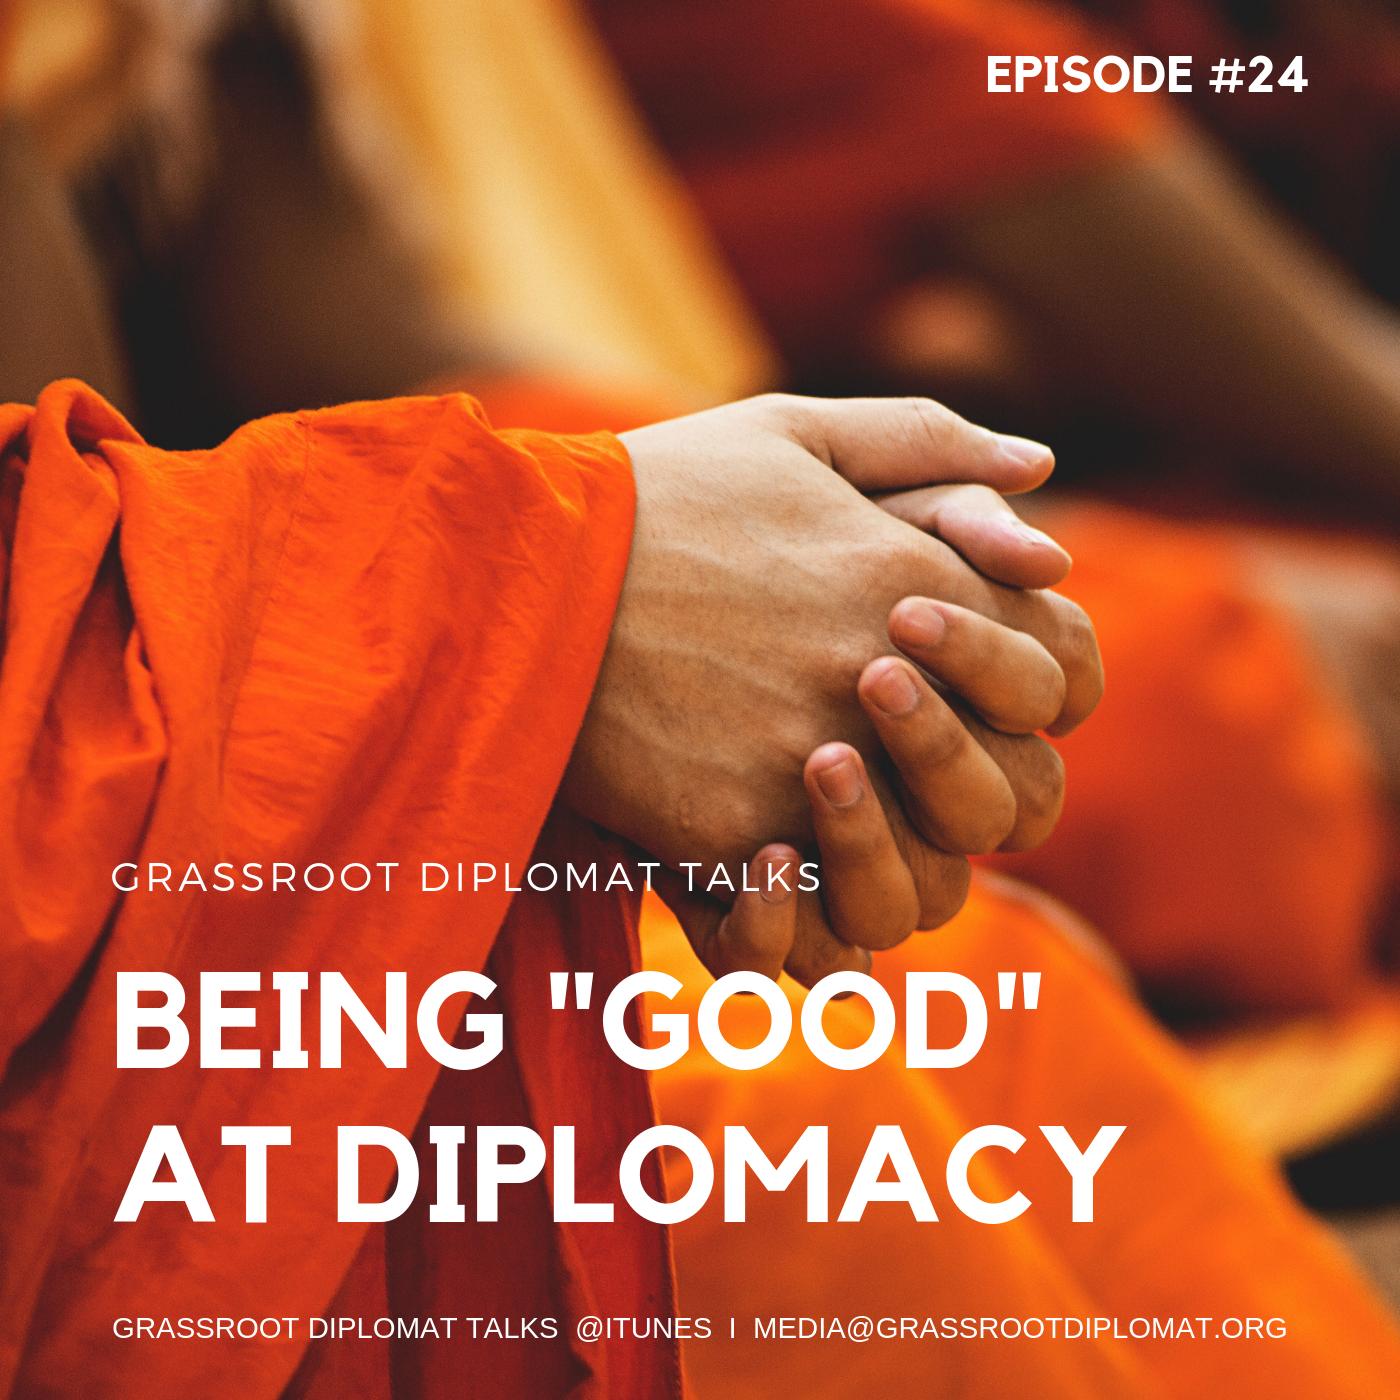 024 Good at Diplomacy.png